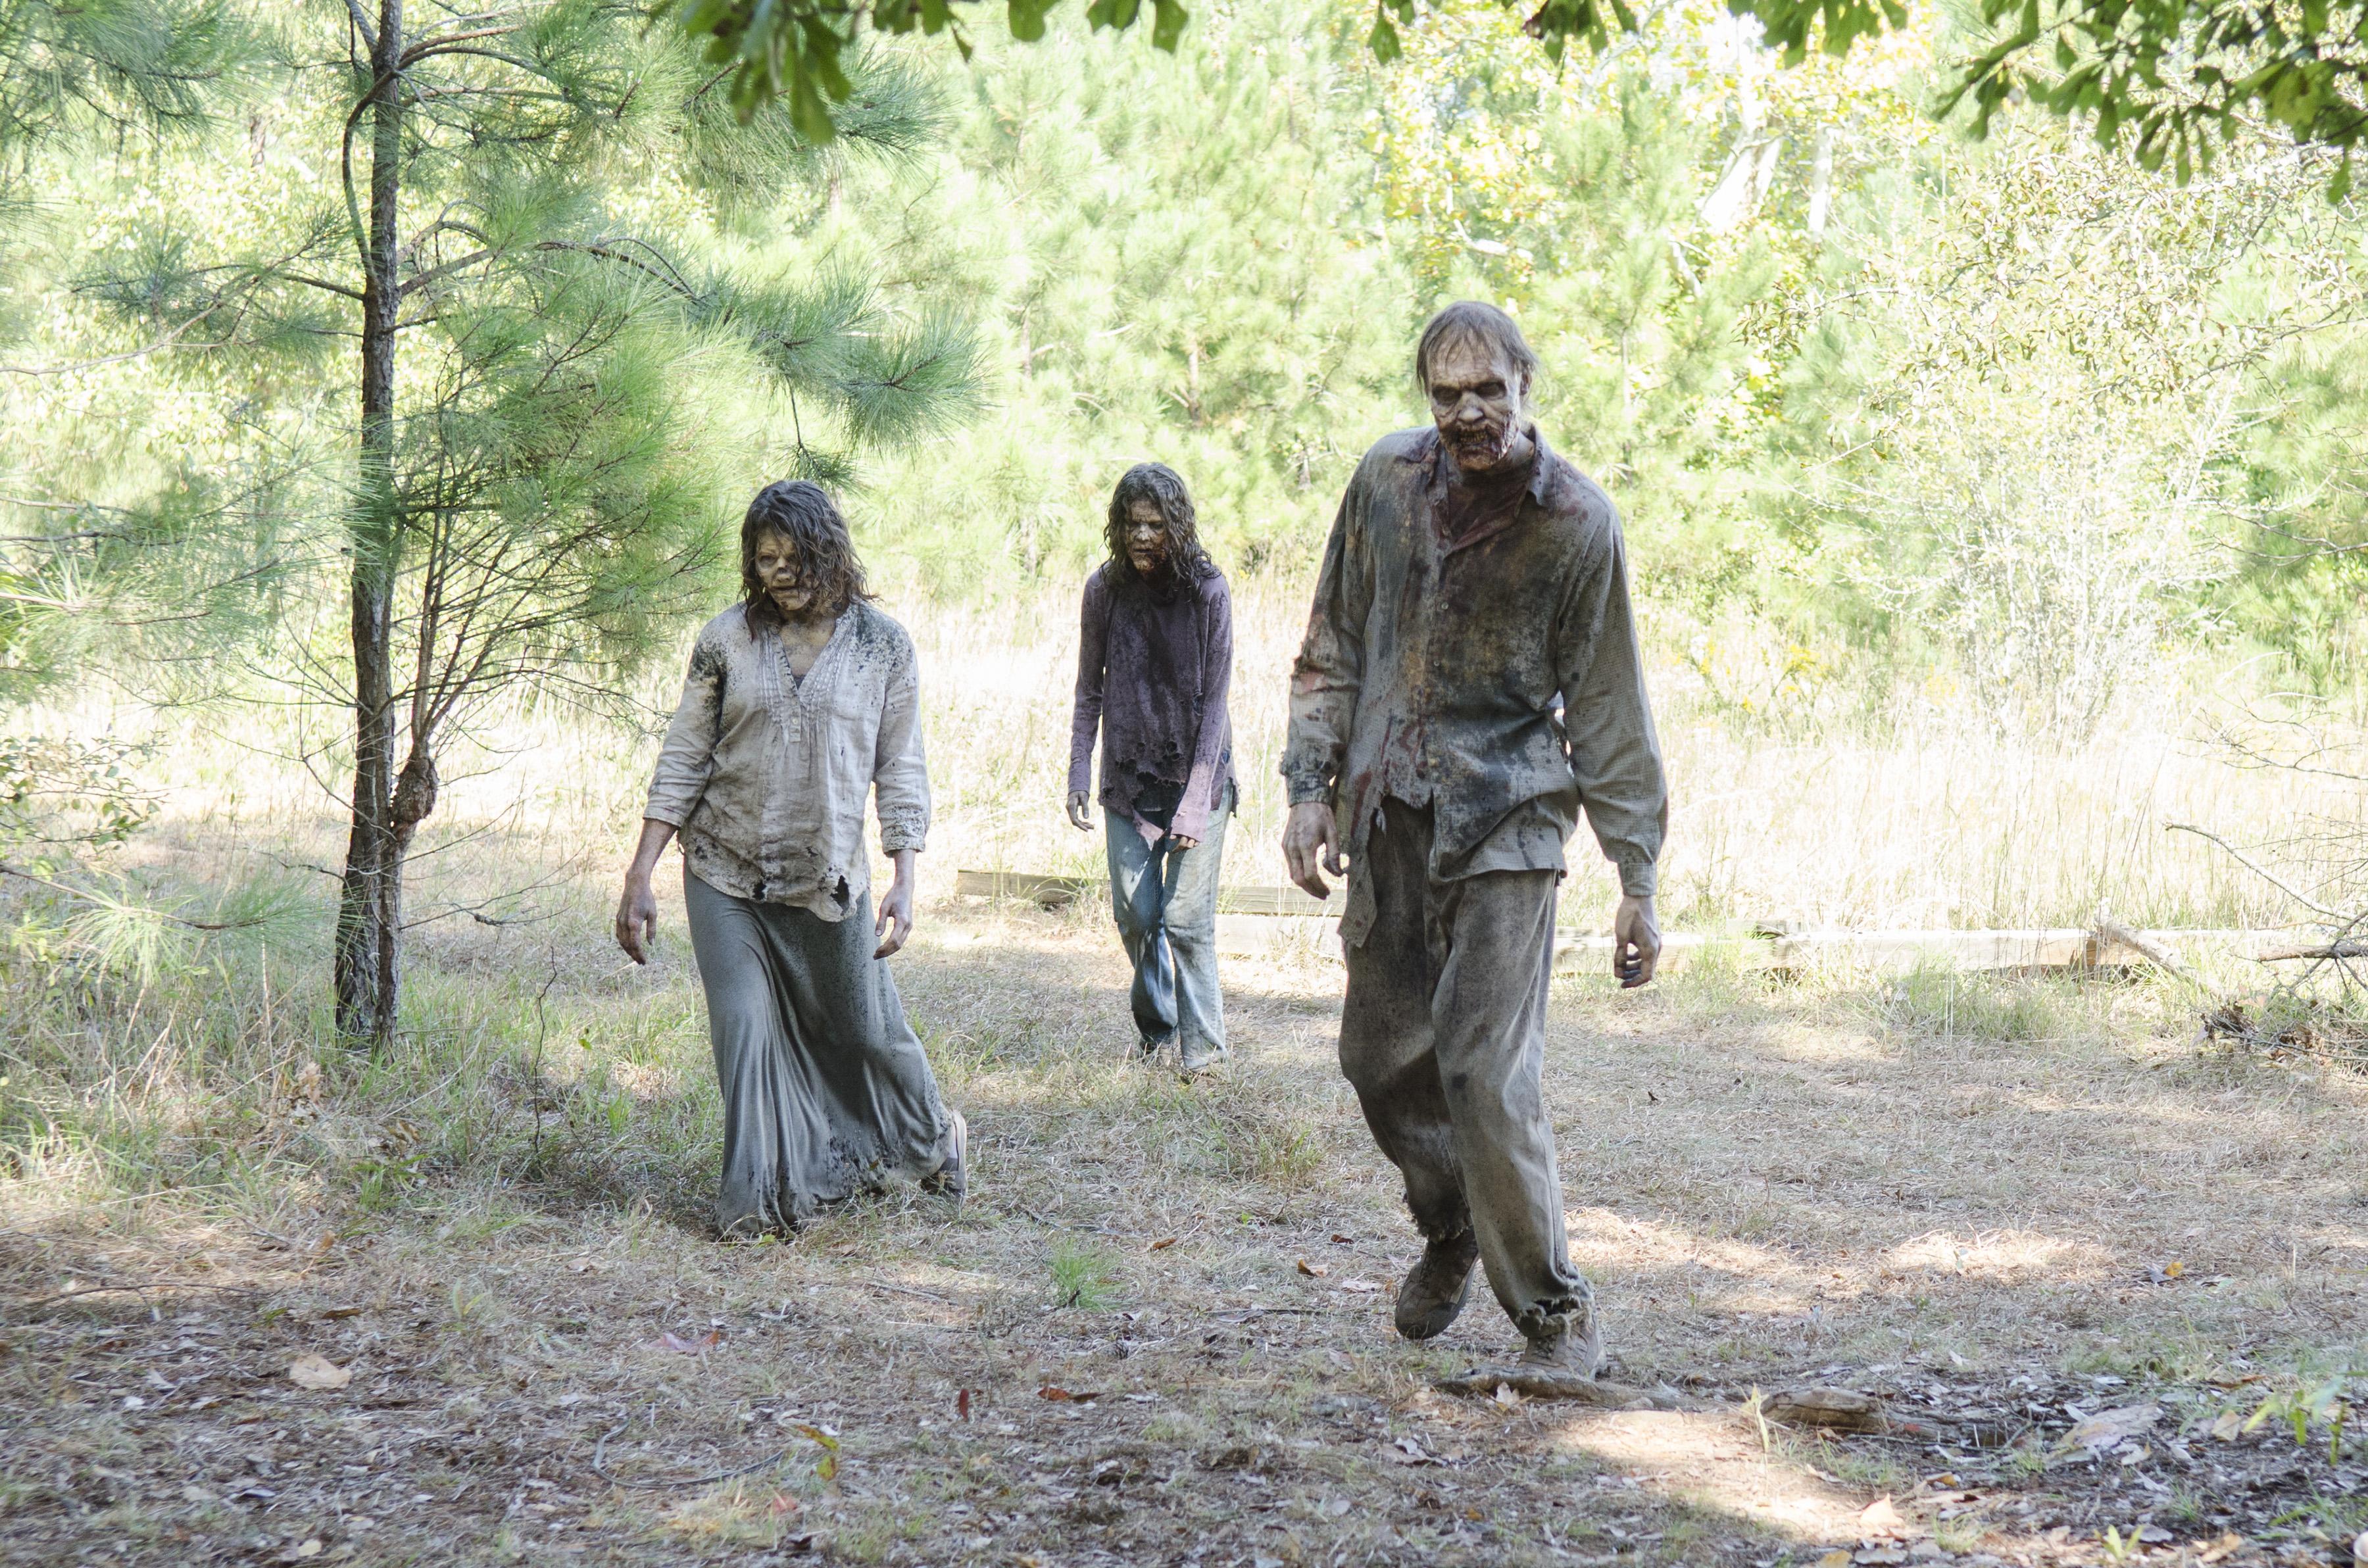 Walkers The Walking Dead Season 5 Episode 12 Photo